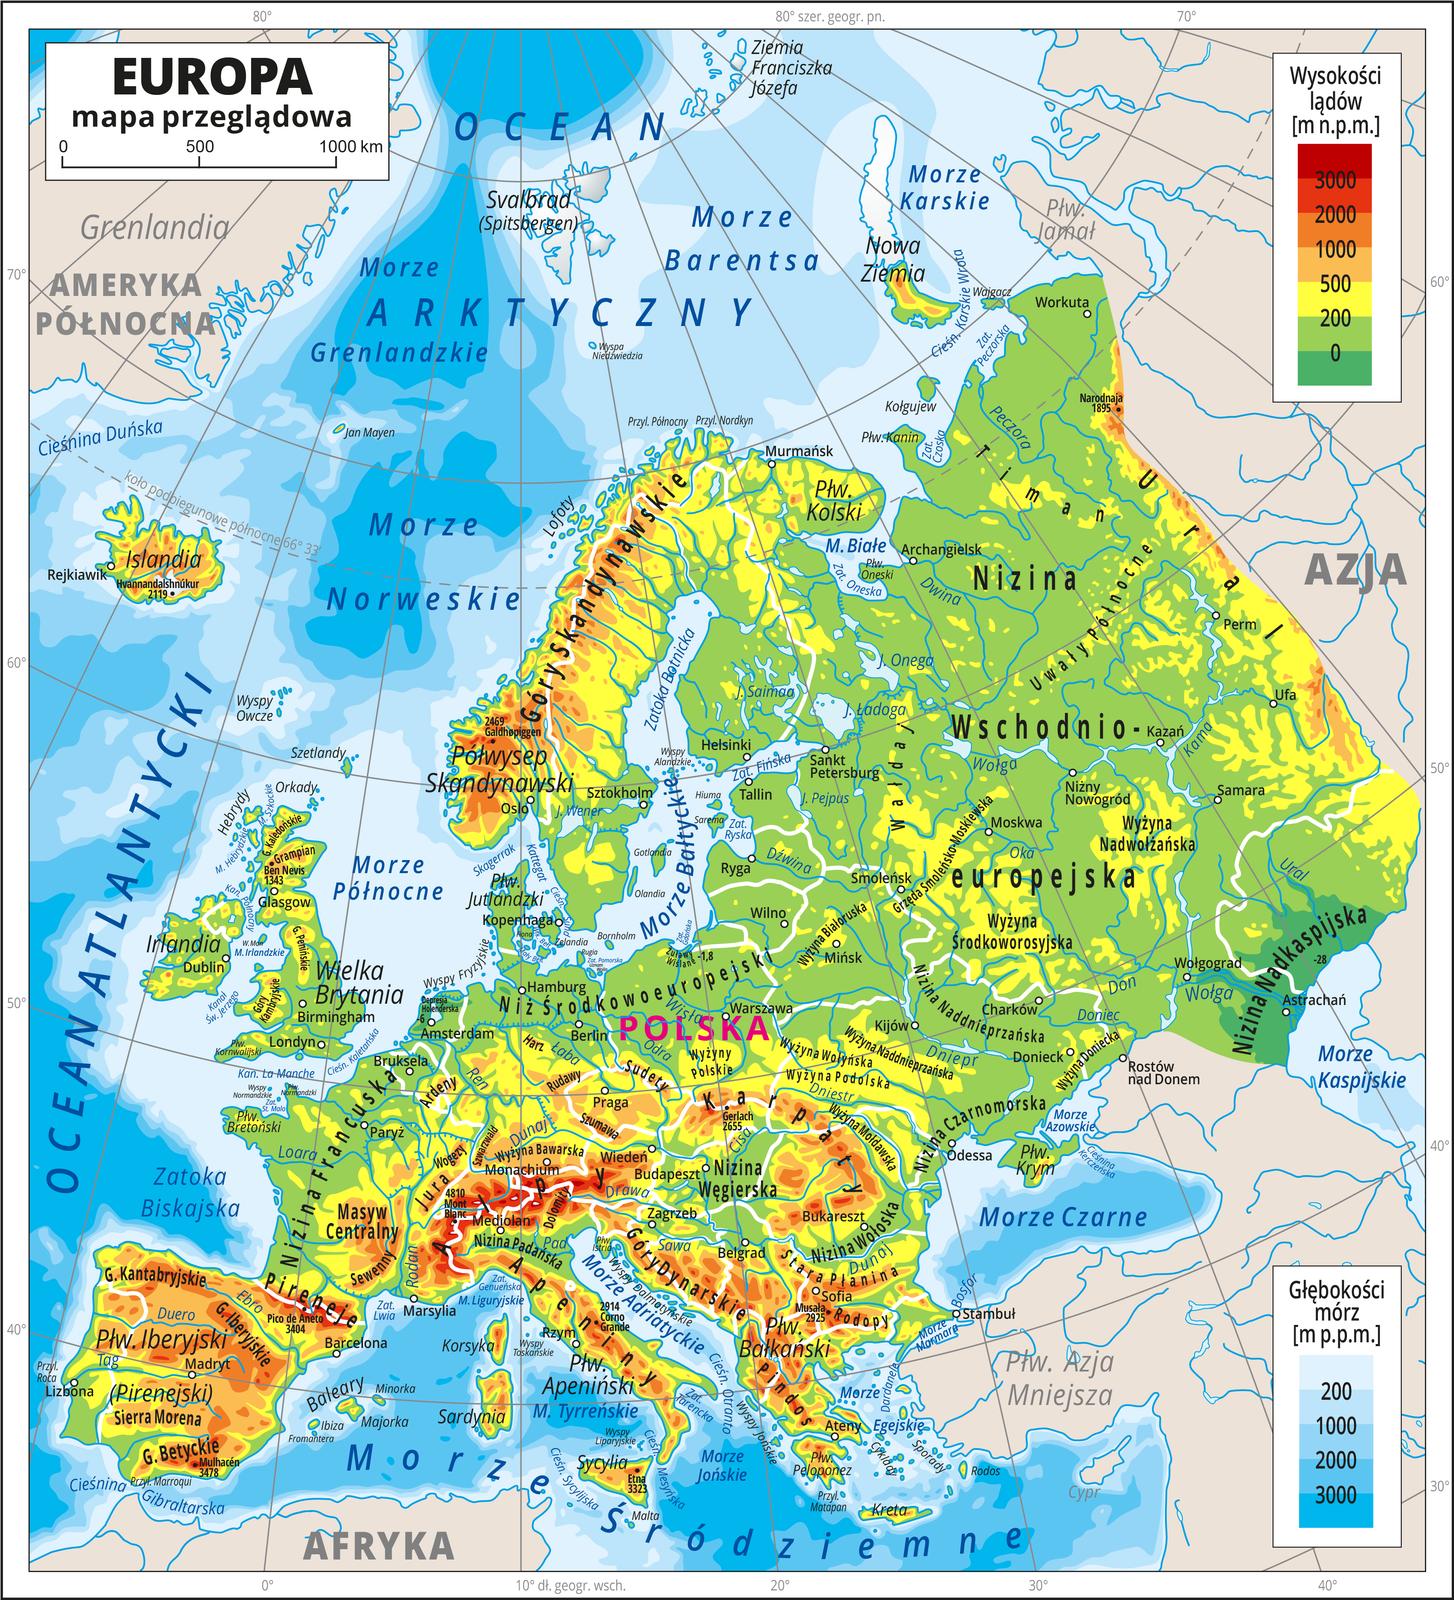 Ilustracja przedstawia mapę hipsometryczną Europy. Wobrębie lądów występują obszary wkolorze zielonym, żółtym, pomarańczowym iczerwonym. Morza zaznaczono kolorem niebieskim. Kontynent europejski zajmuje centralną część mapy. Sąsiadujące zEuropą widoczne na mapie części innych kontynentów zaznaczono kolorem beżowym. Na mapie opisano nazwy kontynentów, półwyspów, wysp, głównych nizin, wyżyn ipasm górskich, oceanów, mórz, głównych rzek ijezior. Oznaczono białymi kropkami iopisano główne miasta. Mapa pokryta jest równoleżnikami ipołudnikami. Dookoła mapy wbiałej ramce opisano współrzędne geograficzne co dziesięć stopni. Po prawej stronie mapy na górze wlegendzie umieszczono prostokątny pionowy pasek. Pasek podzielono na siedem części. Ugóry – czerwony iciemnopomarańczowy, dalej pomarańczowy, jasnopomarańczowy iżółty, jasnozielony iciemnozielony. Opisano poziomice: zero metrów (poziom morza), dwieście metrów powyżej poziomu morza, pięćset metrów powyżej poziomu morza, tysiąc metrów powyżej poziomu morza, dwa tysiące metrów powyżej poziomu morza, trzy tysiące metrów powyżej poziomu morza. Po prawej stronie mapy na dole wlegendzie umieszczono prostokątny pionowy pasek. Pasek podzielono na pięć części. Odcieniami koloru niebieskiego oznaczono głębokości mórz. Wlegendzie opisano izobaty: dwieście metrów poniżej poziomu morza, tysiąc metrów poniżej poziomu morza, dwa tysiące metrów poniżej poziomu morza, trzy tysiące metrów poniżej poziomu morza.